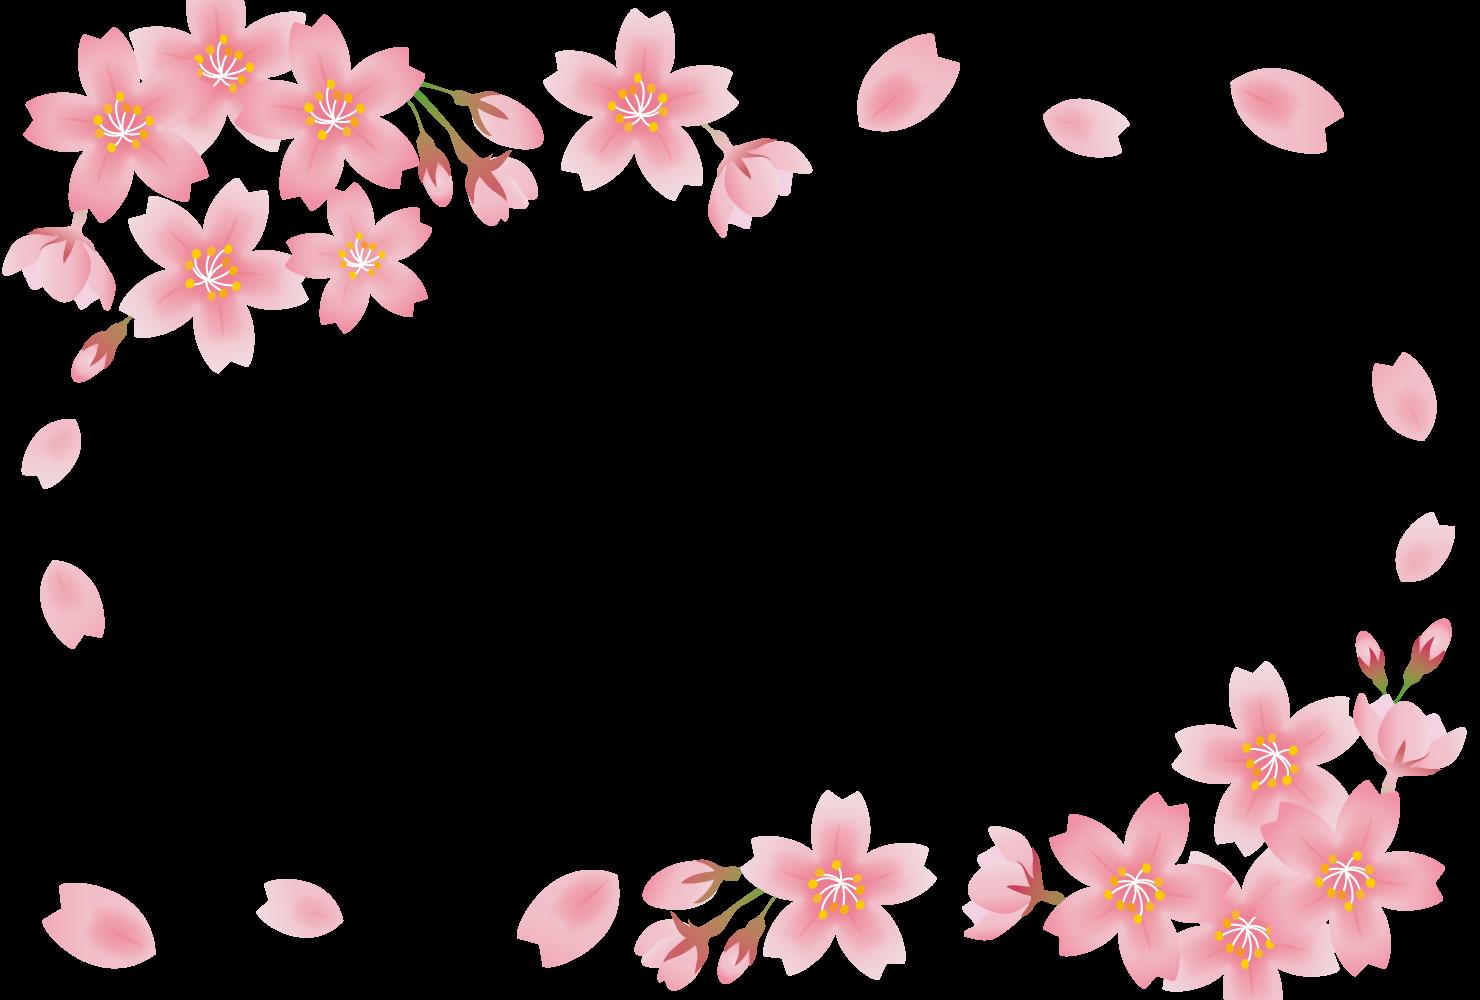 春におすすめの商用利用可能な無料フレーム・枠素材